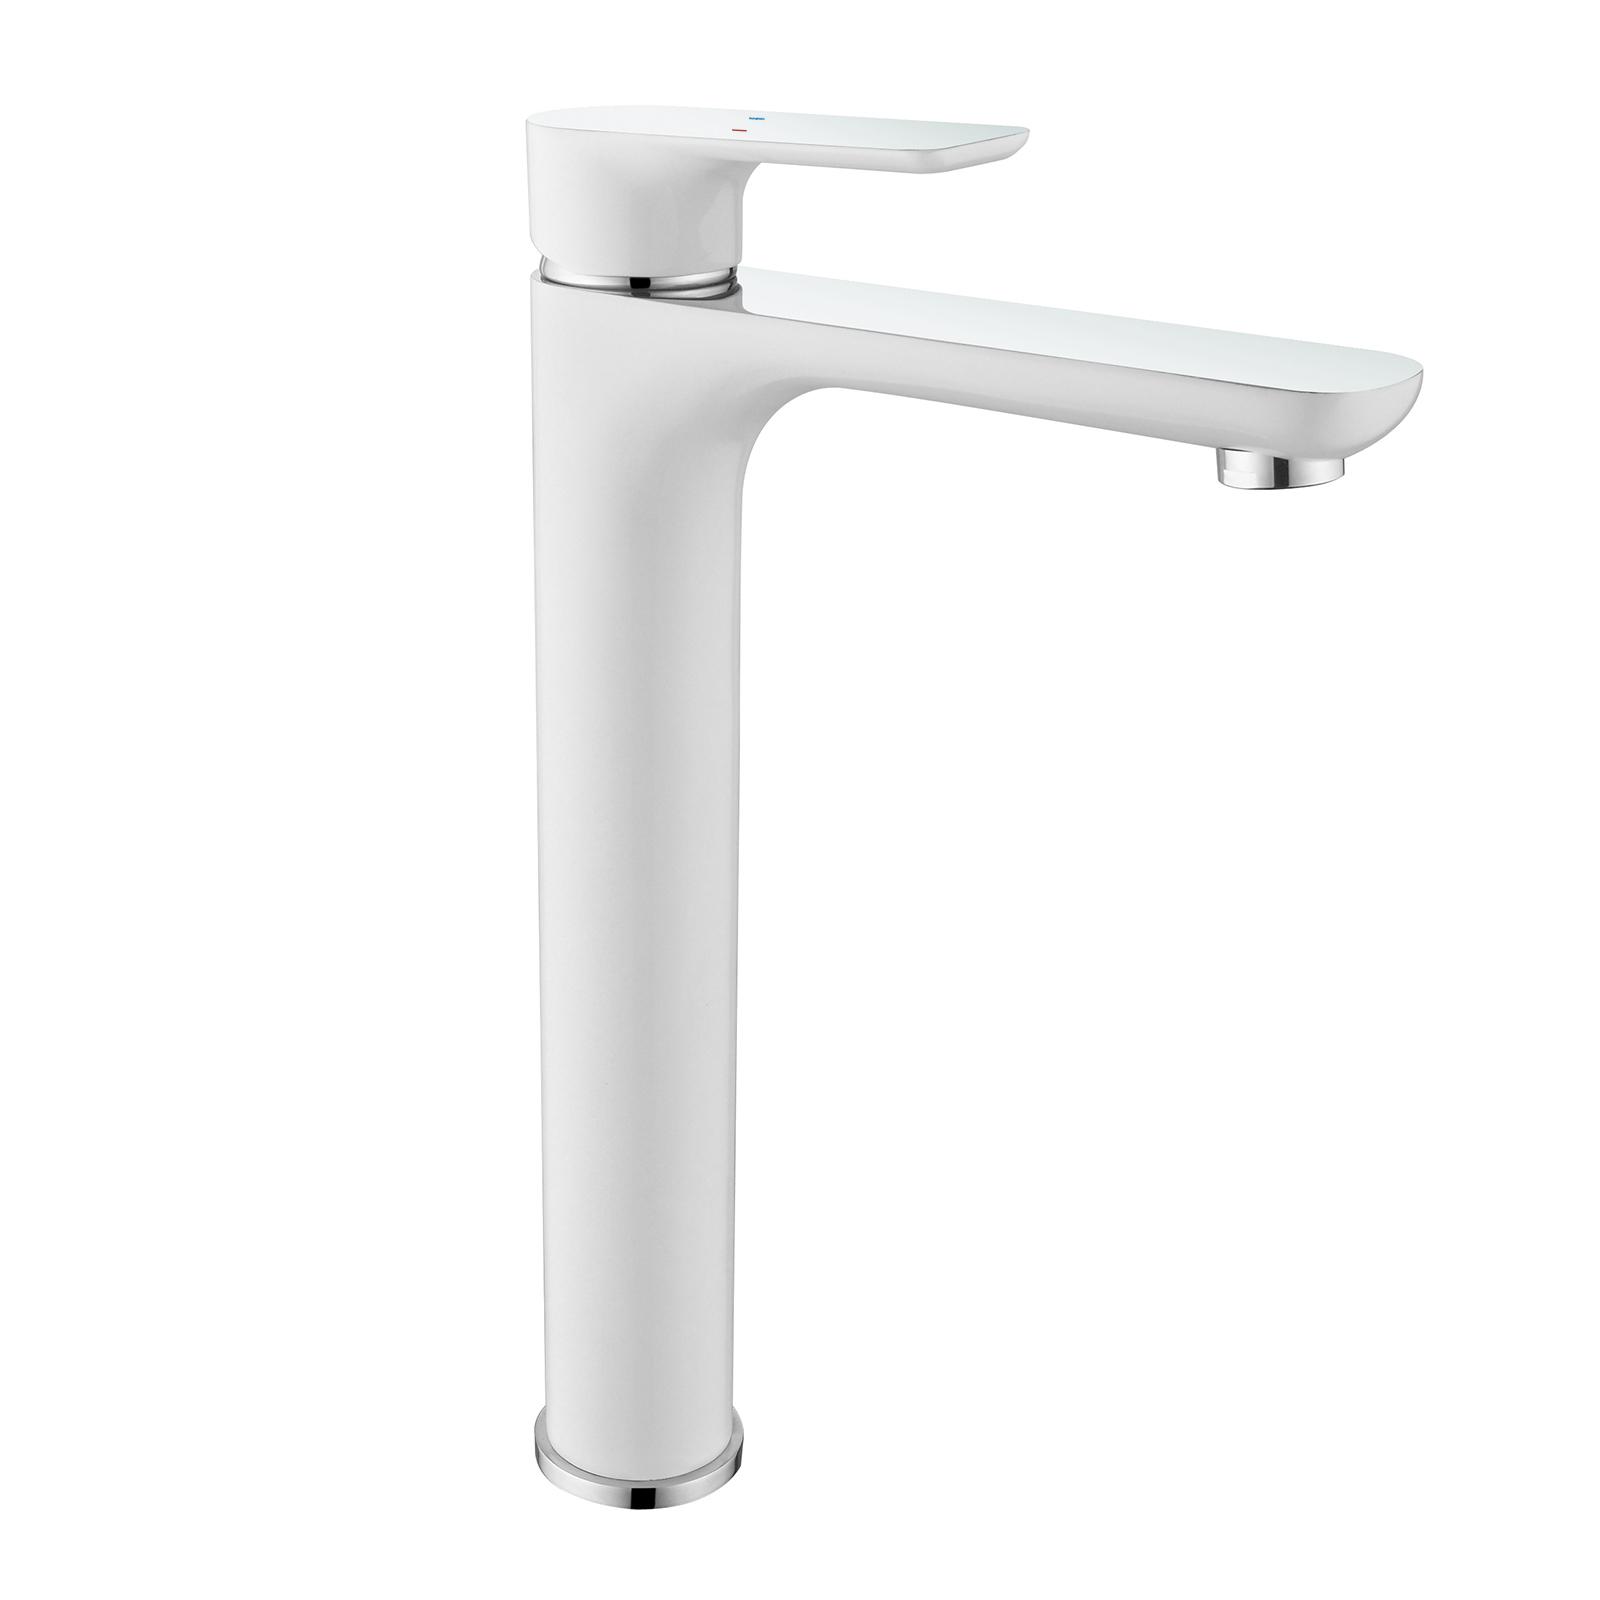 Hochwertige Waschtischarmatur Armatur Badarmatur 4025CW in Weiß/Chrom Glänzend